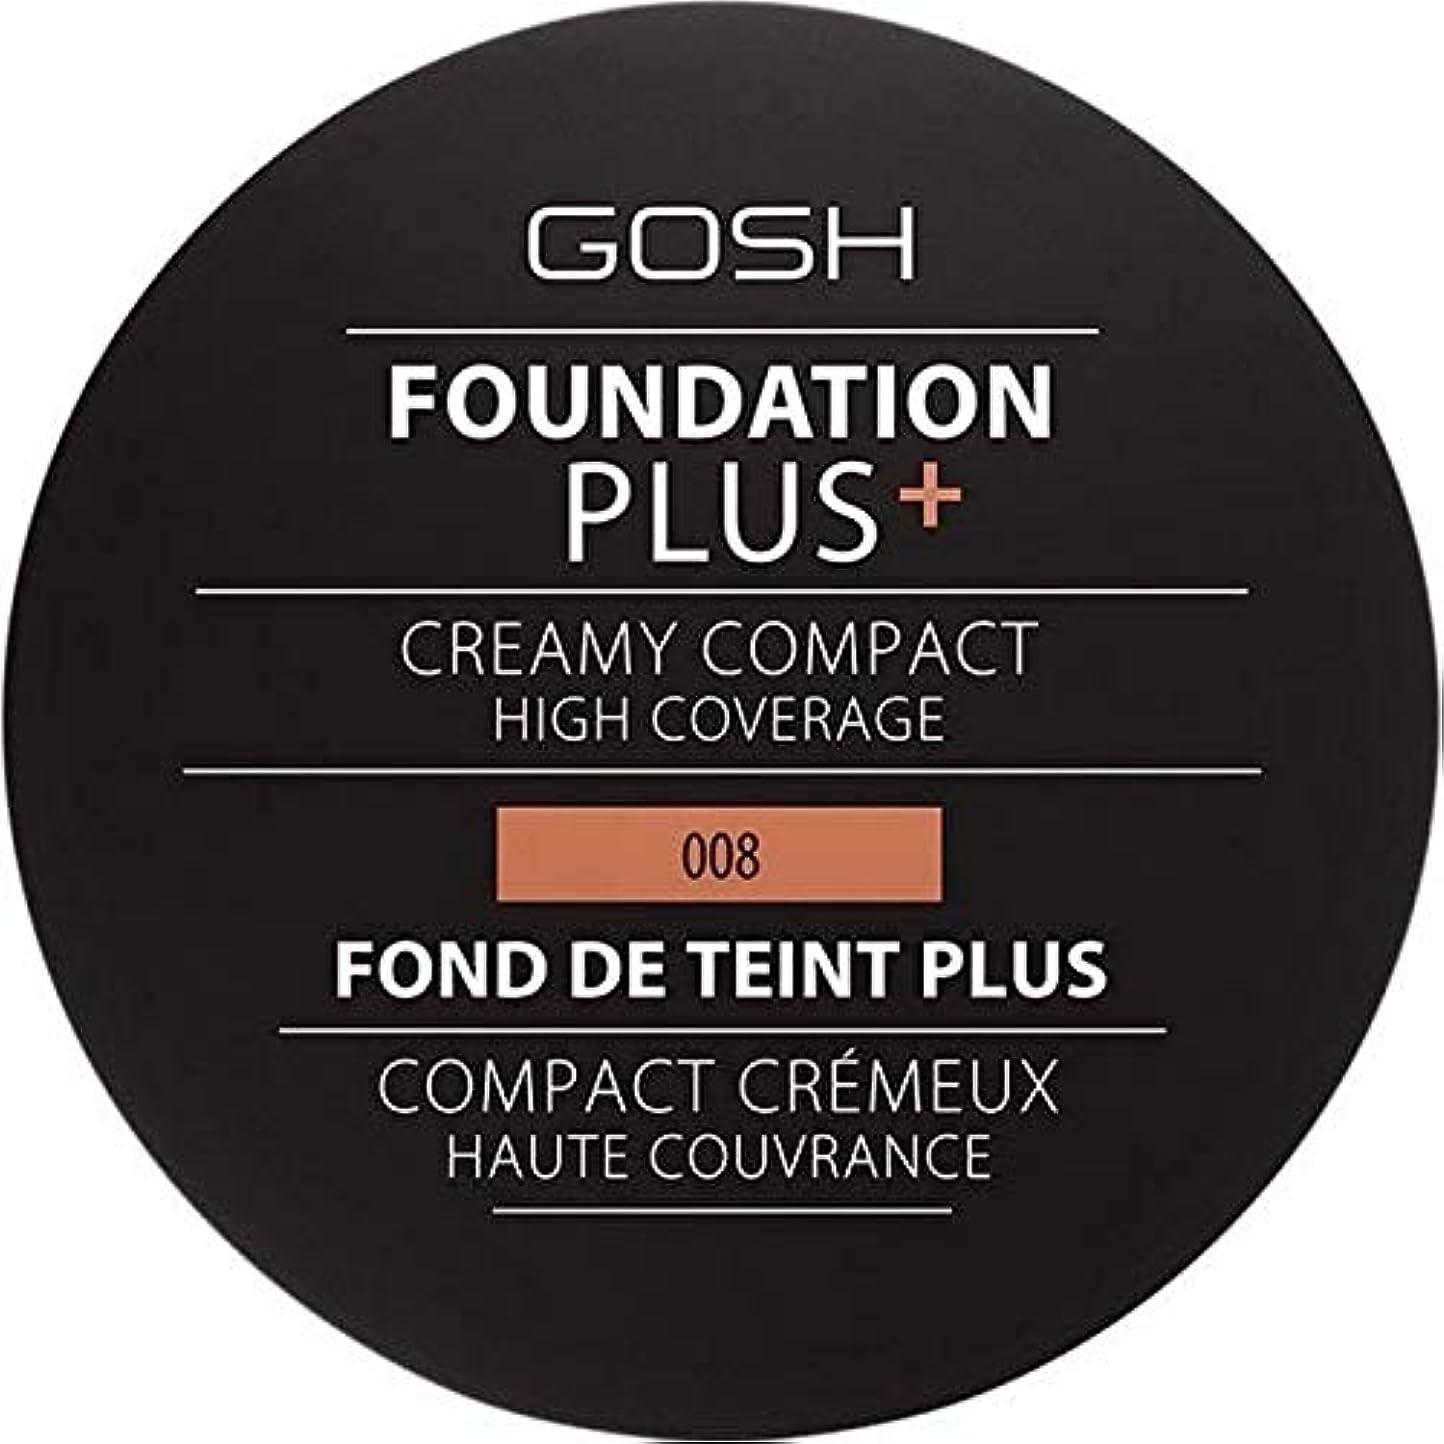 高層ビル寄付ファイター[GOSH ] おやっ基盤プラス008 +クリーミーコンパクト黄金 - Gosh Foundation Plus+ Creamy Compact Golden 008 [並行輸入品]